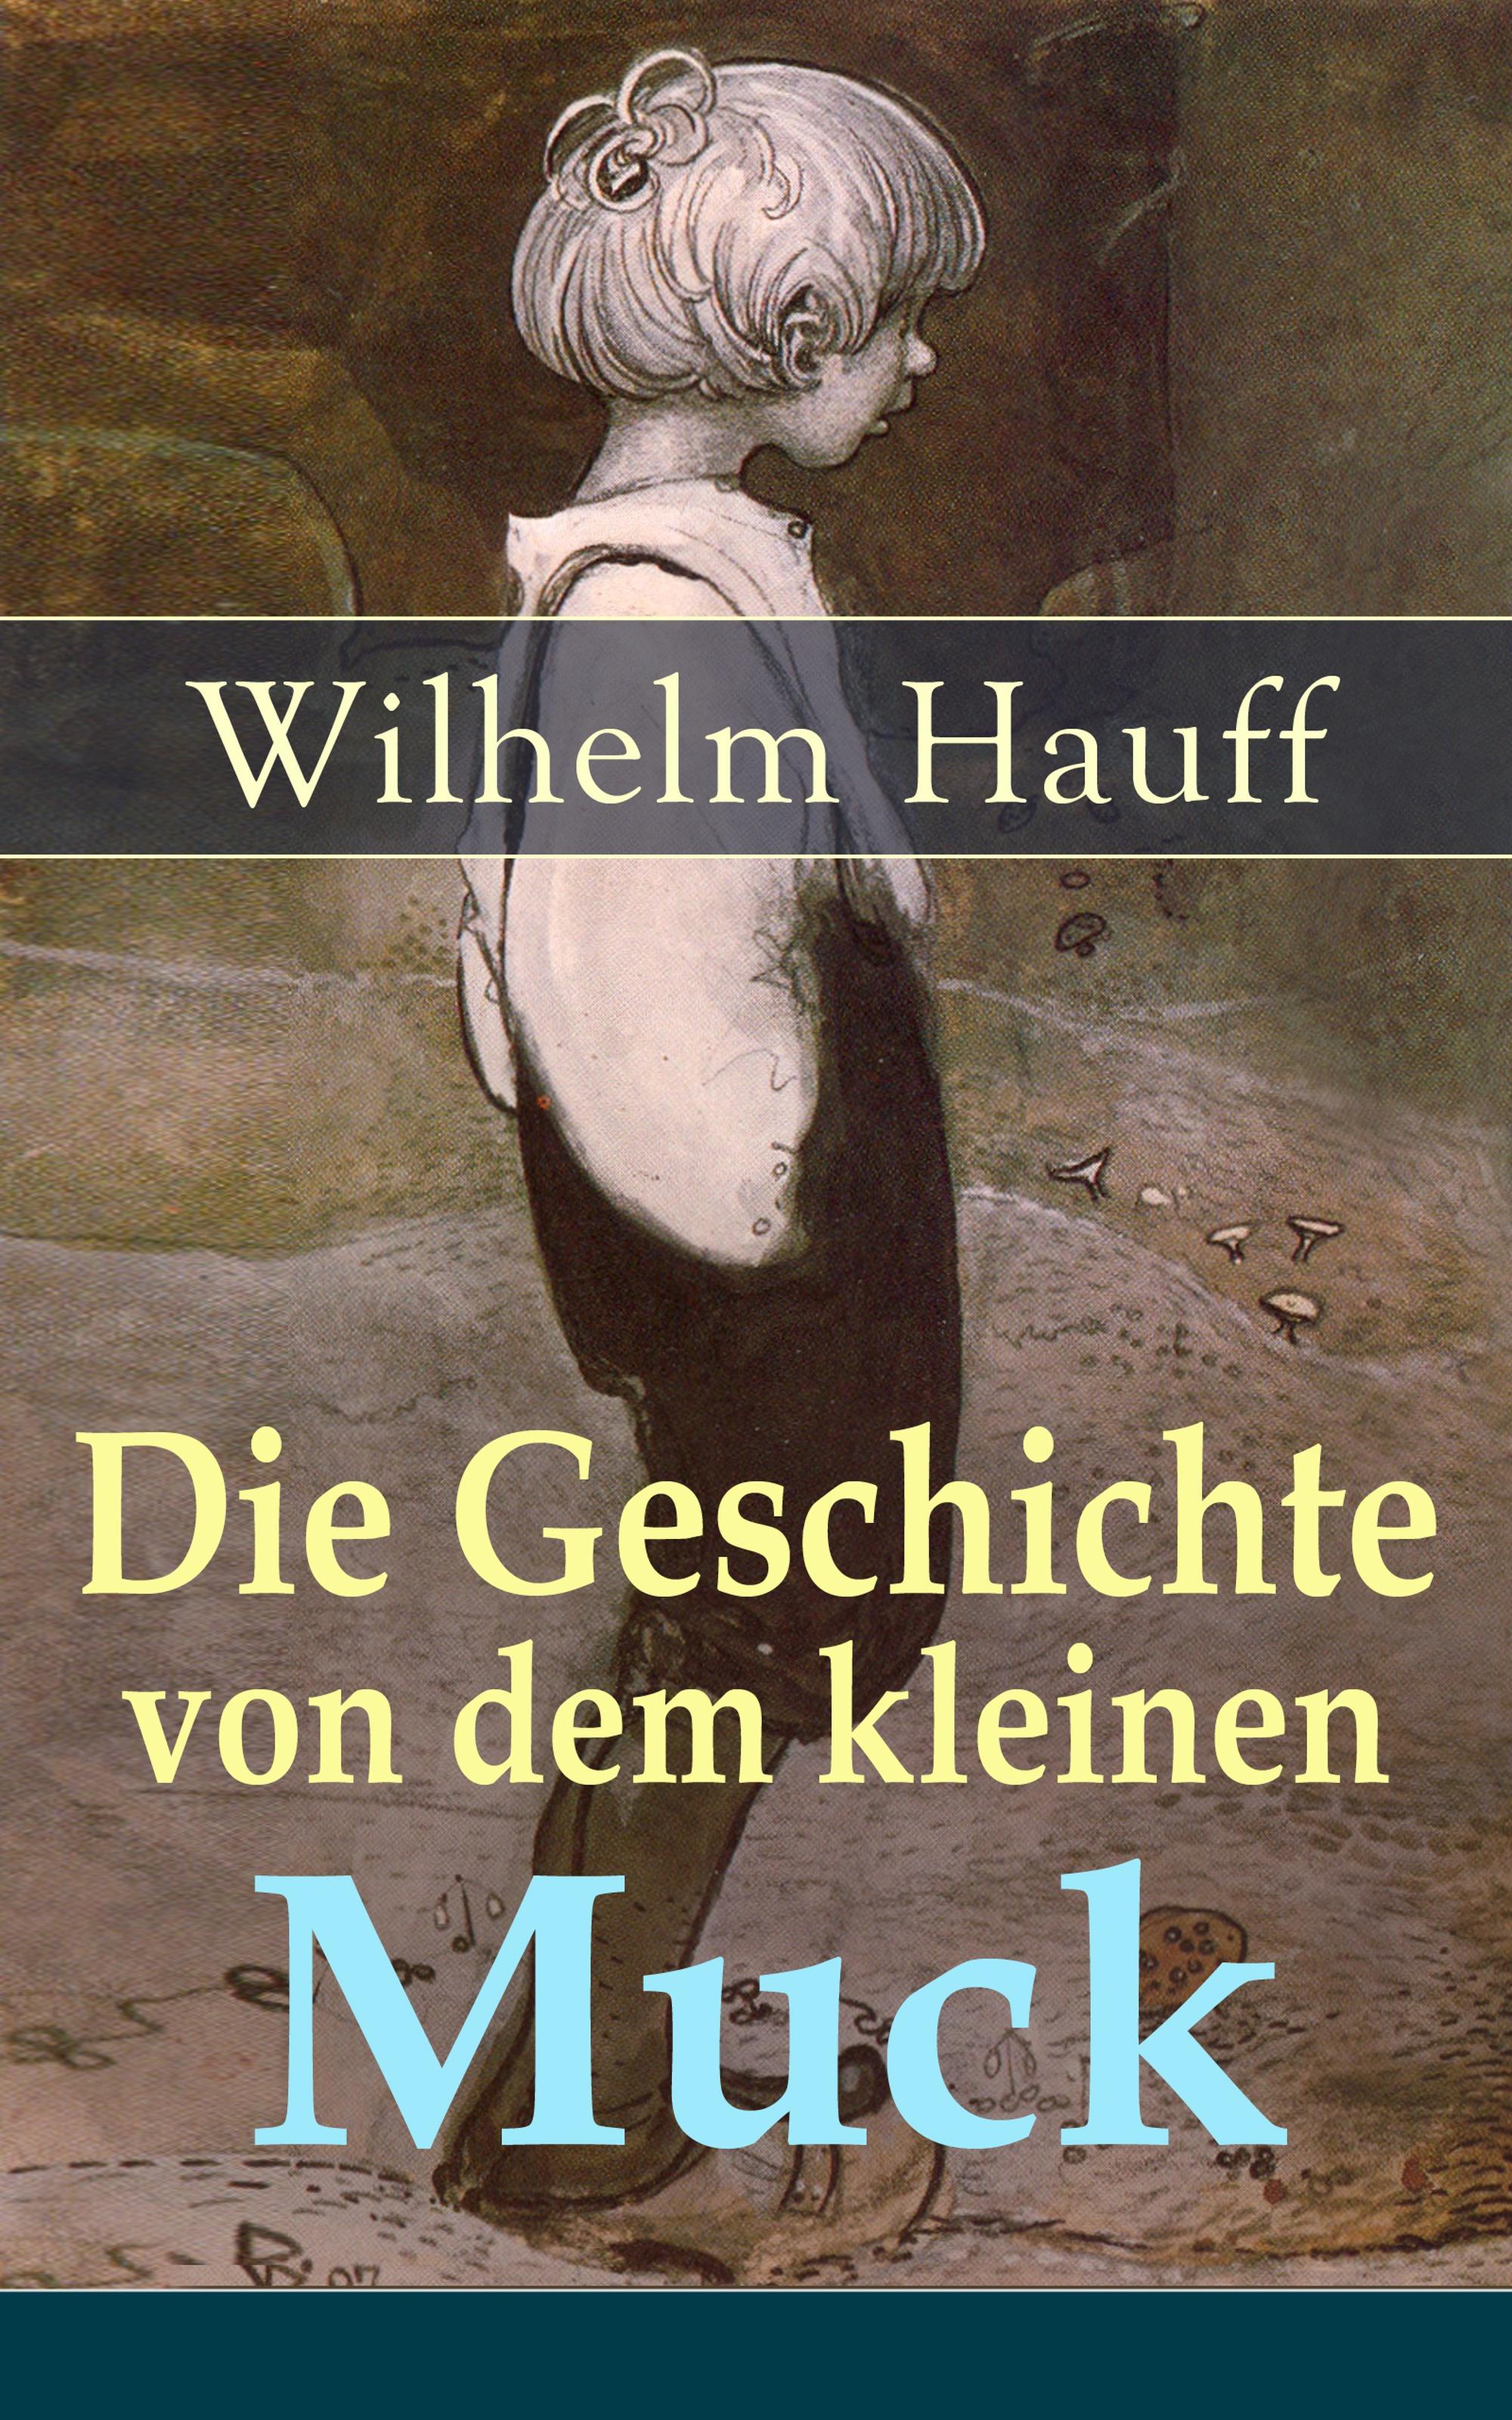 Wilhelm Hauff Die Geschichte von dem kleinen Muck